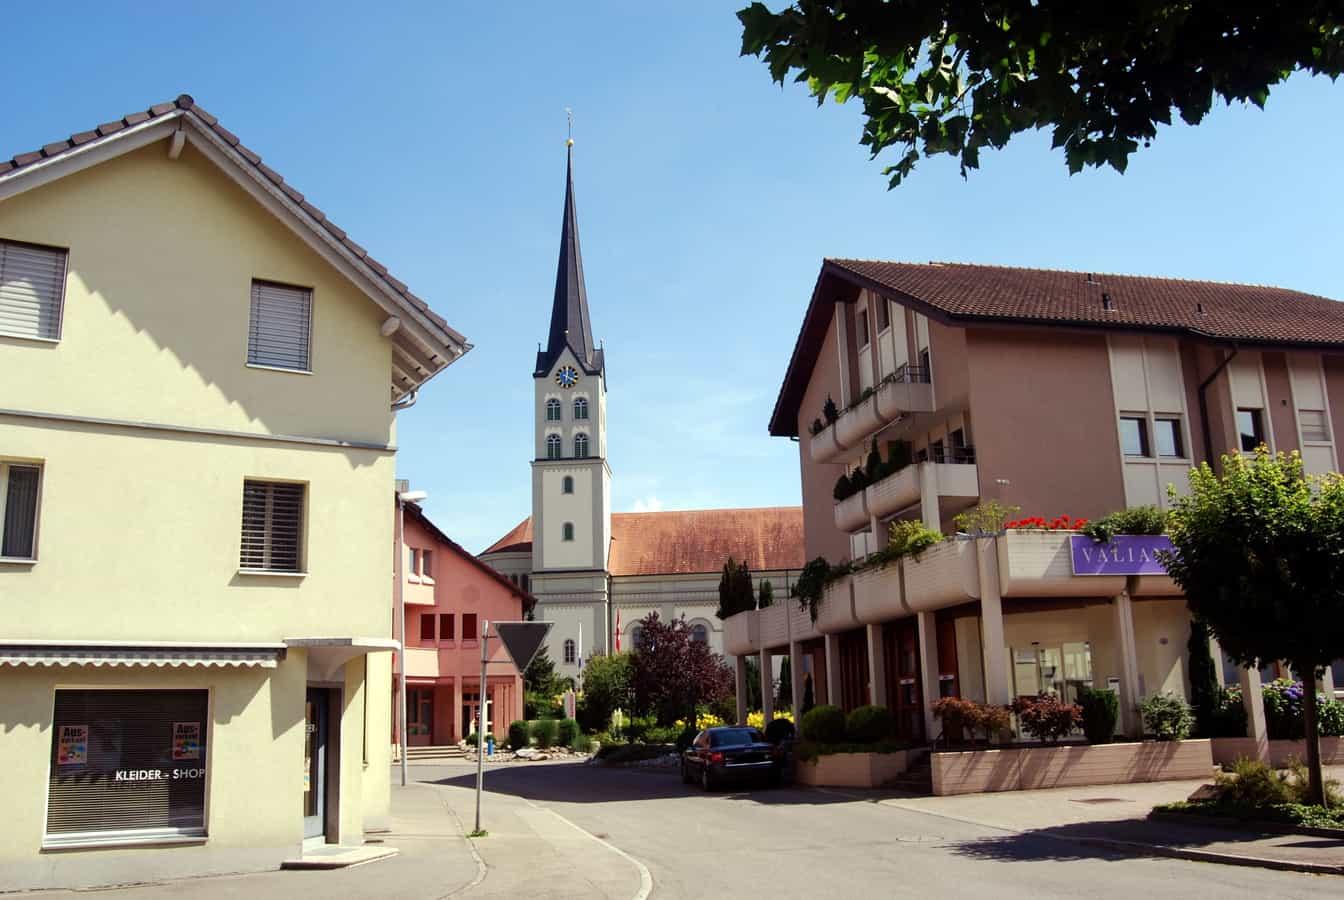 Dorfzentrum von Schötz an der Ohmstalerstrasse mit Kirche, Kleiderladen und Bank